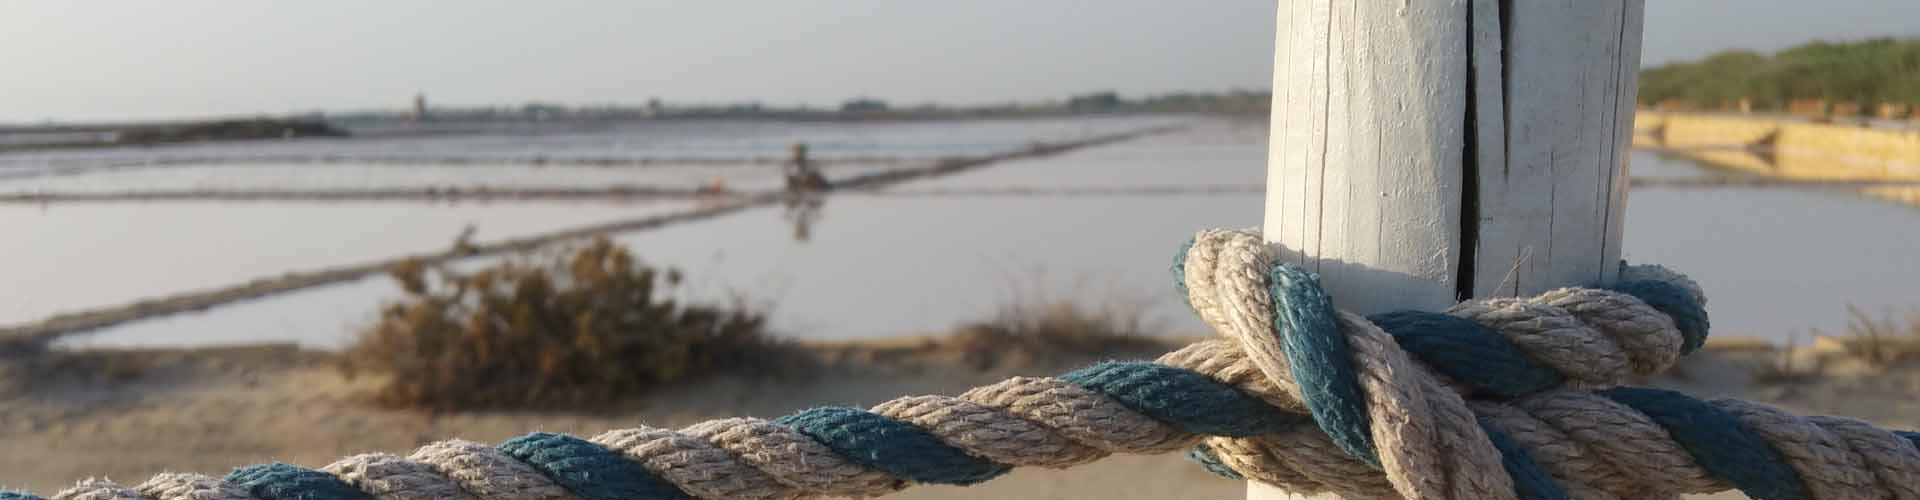 Aspettando colui che non ritorna, visitiamo un mare di solo sale